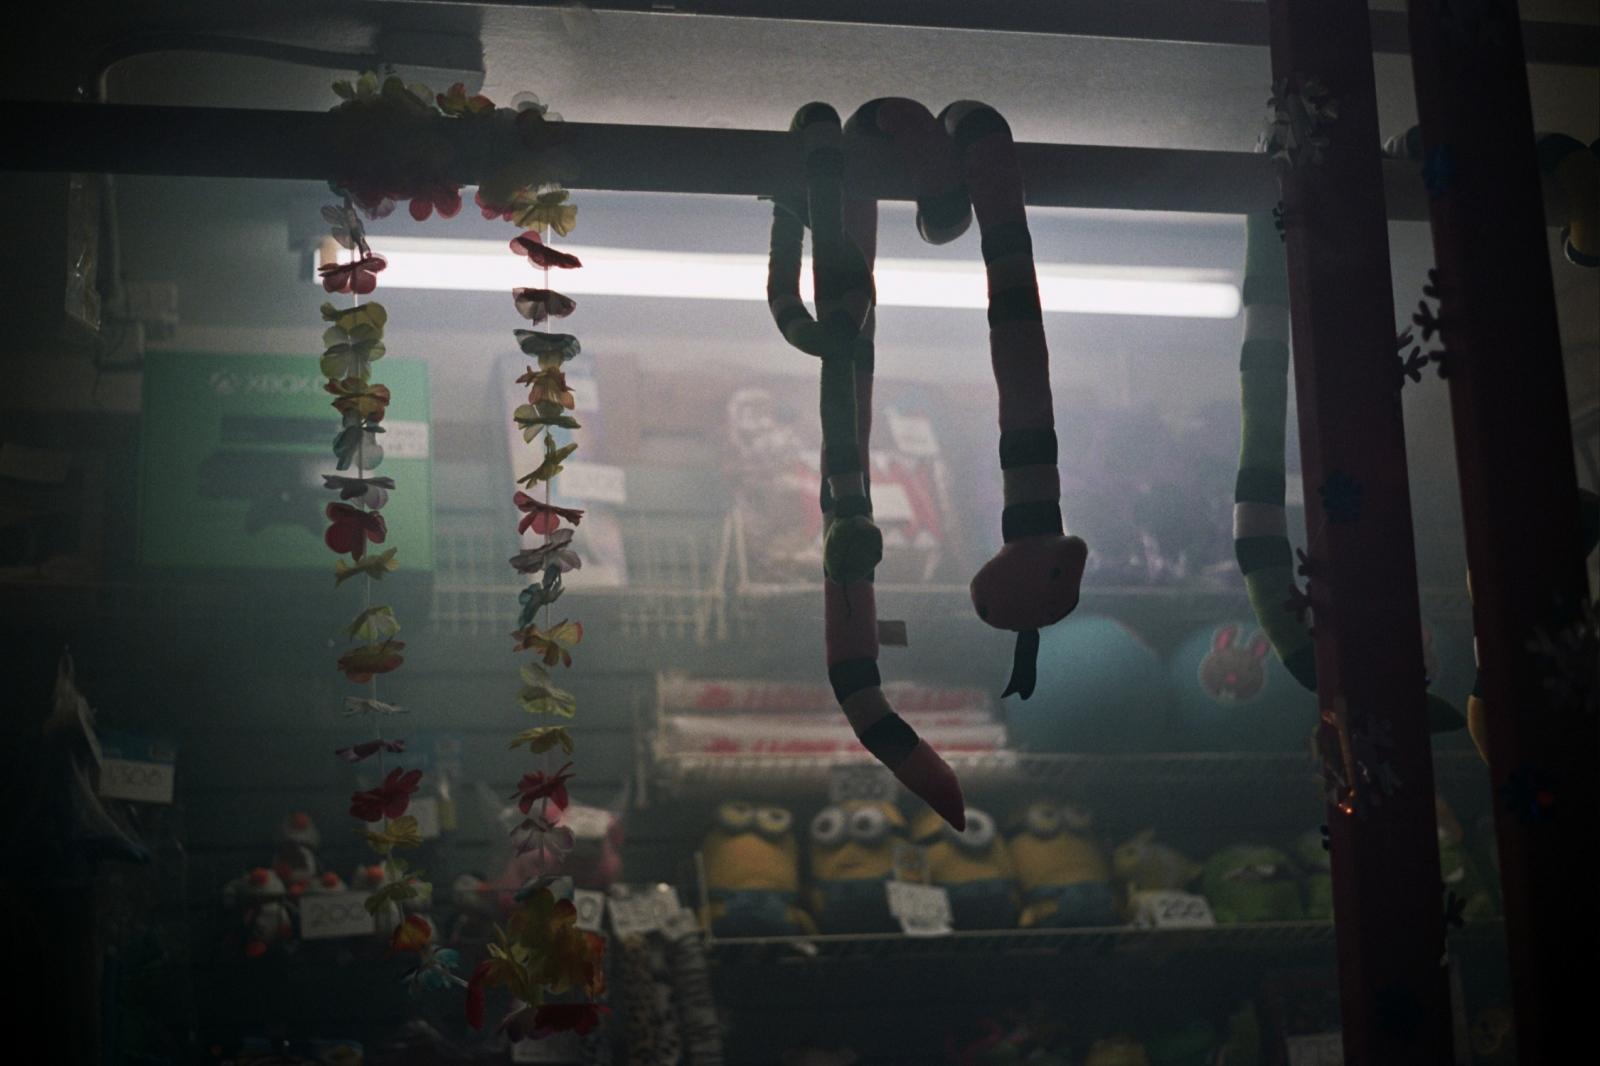 Prizes at the arcade in Chinatown, NY, NY